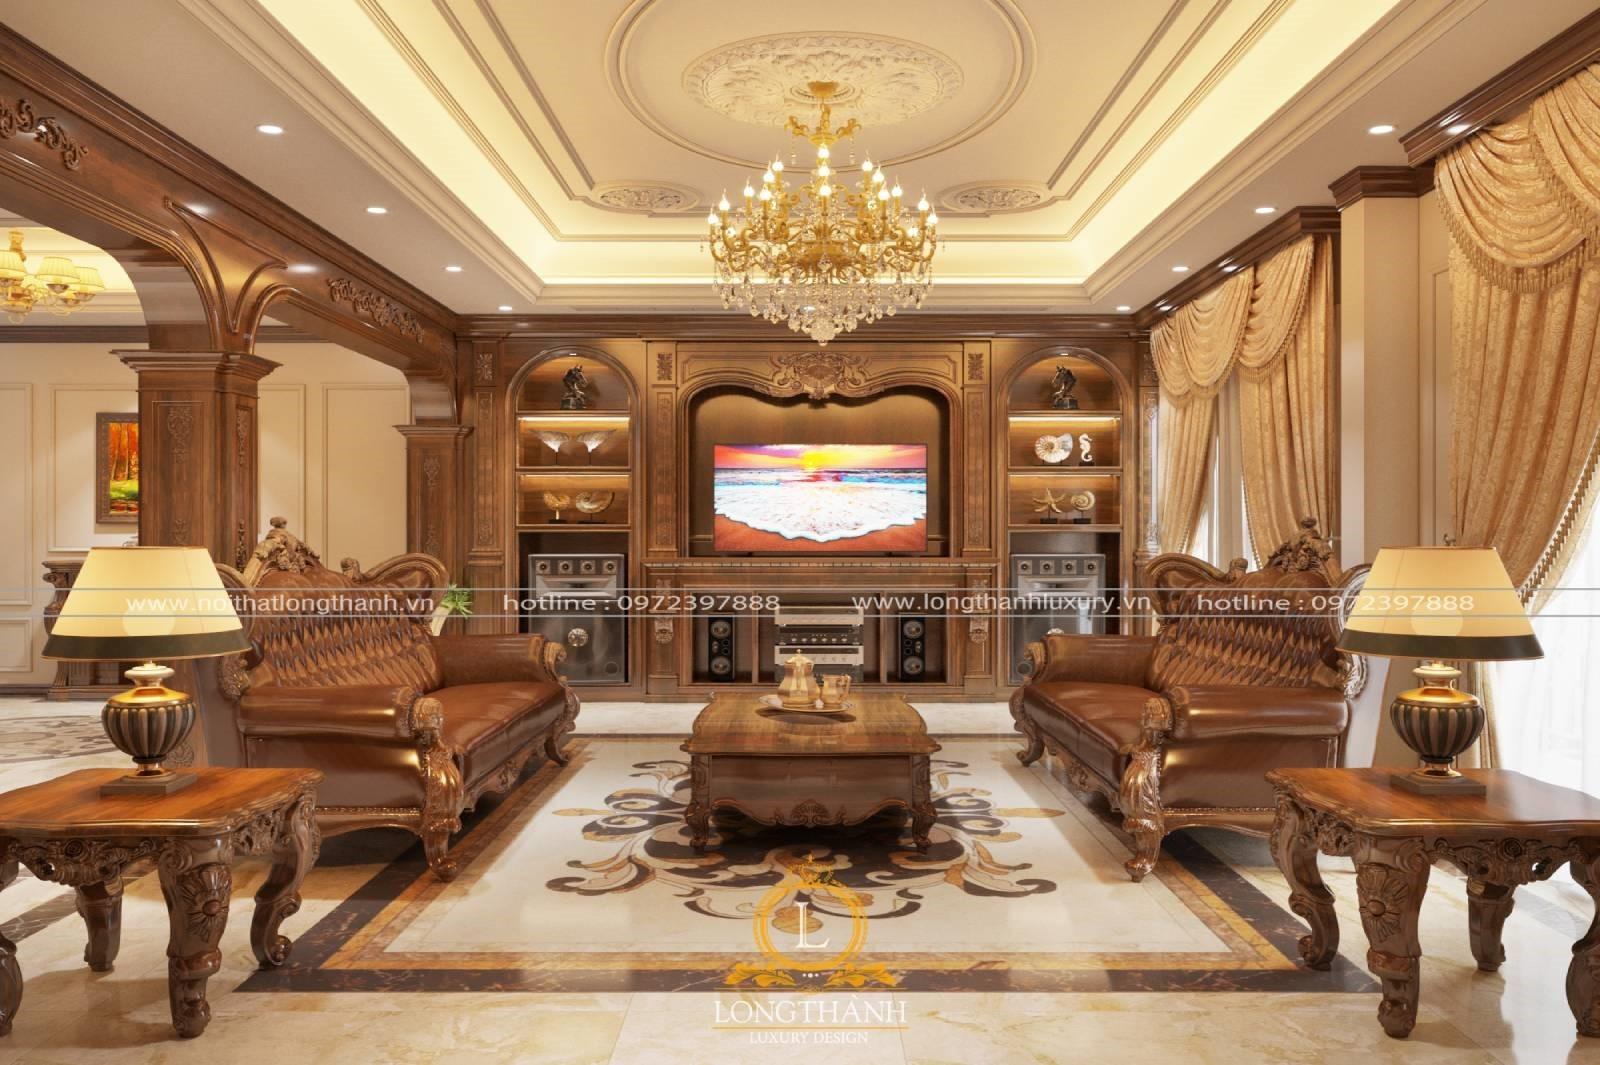 Sofa dài làm trung tâm cho biệt thự hoàng gia